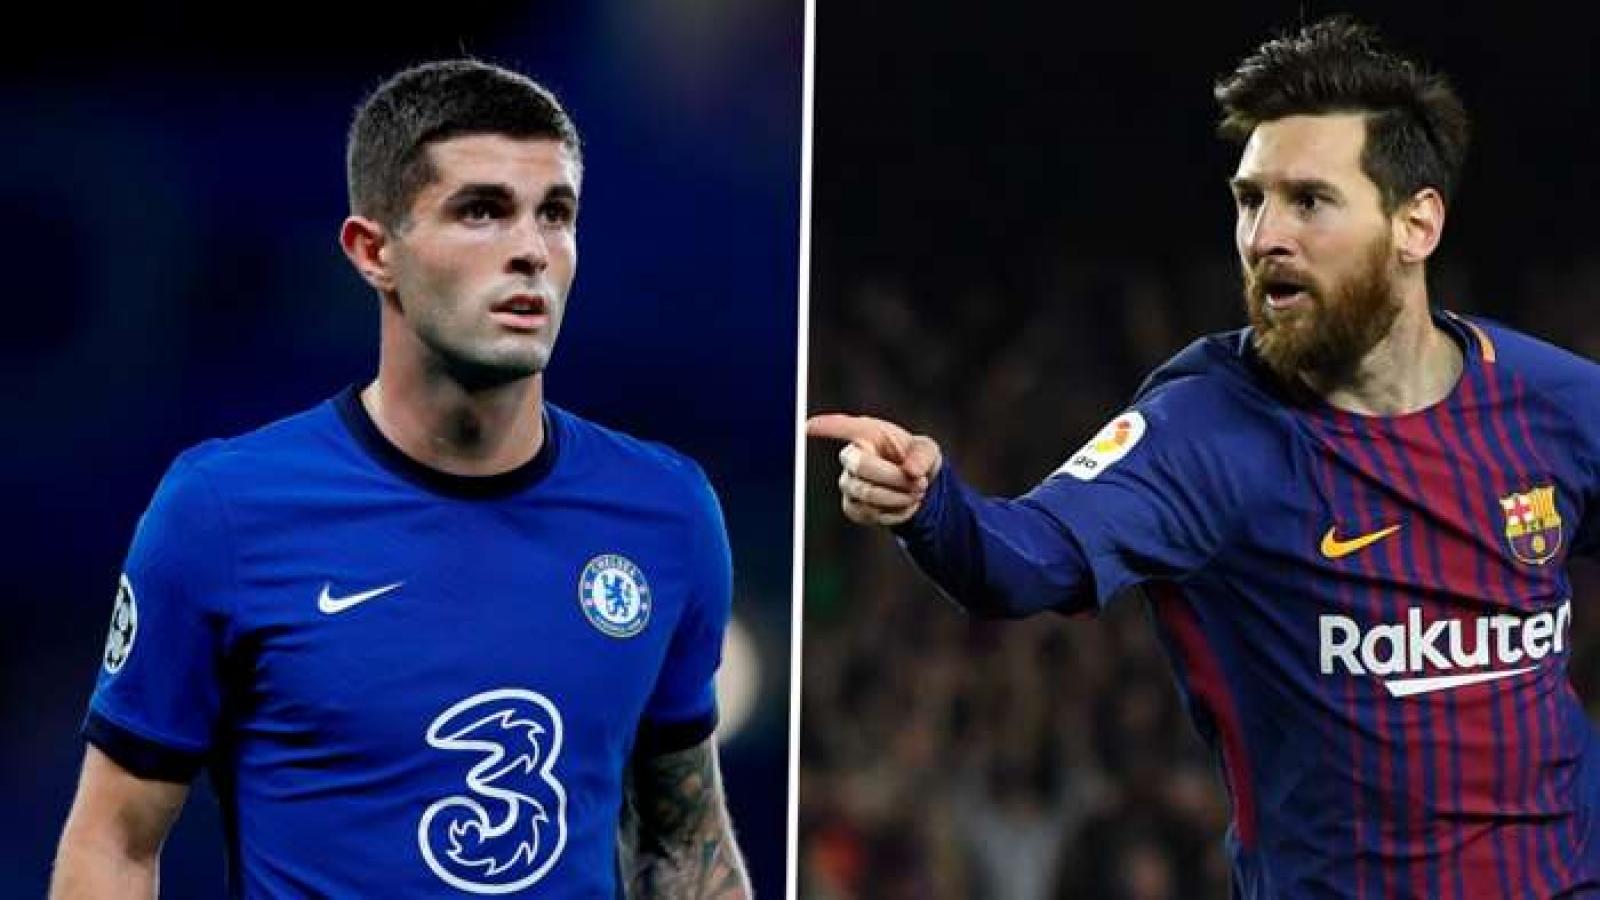 Pulisic cân bằng kỷ lục của Messi trong ngày Chelsea vào bán kết Champions League